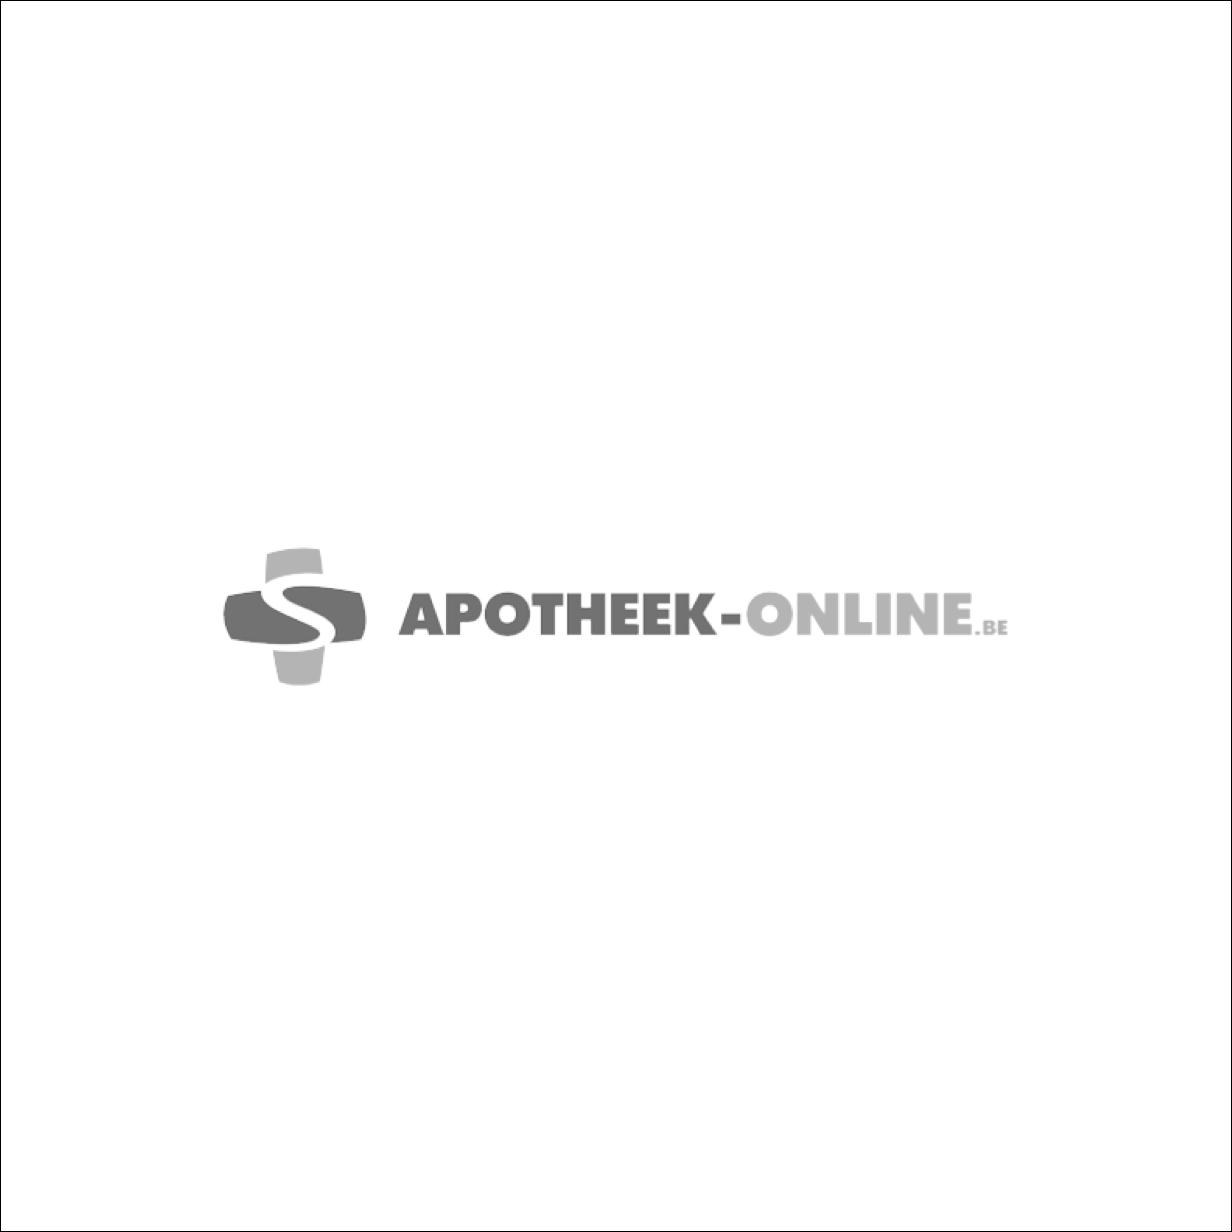 Bota Handpolsband + Duim 105 Skin N6 1 Stuk